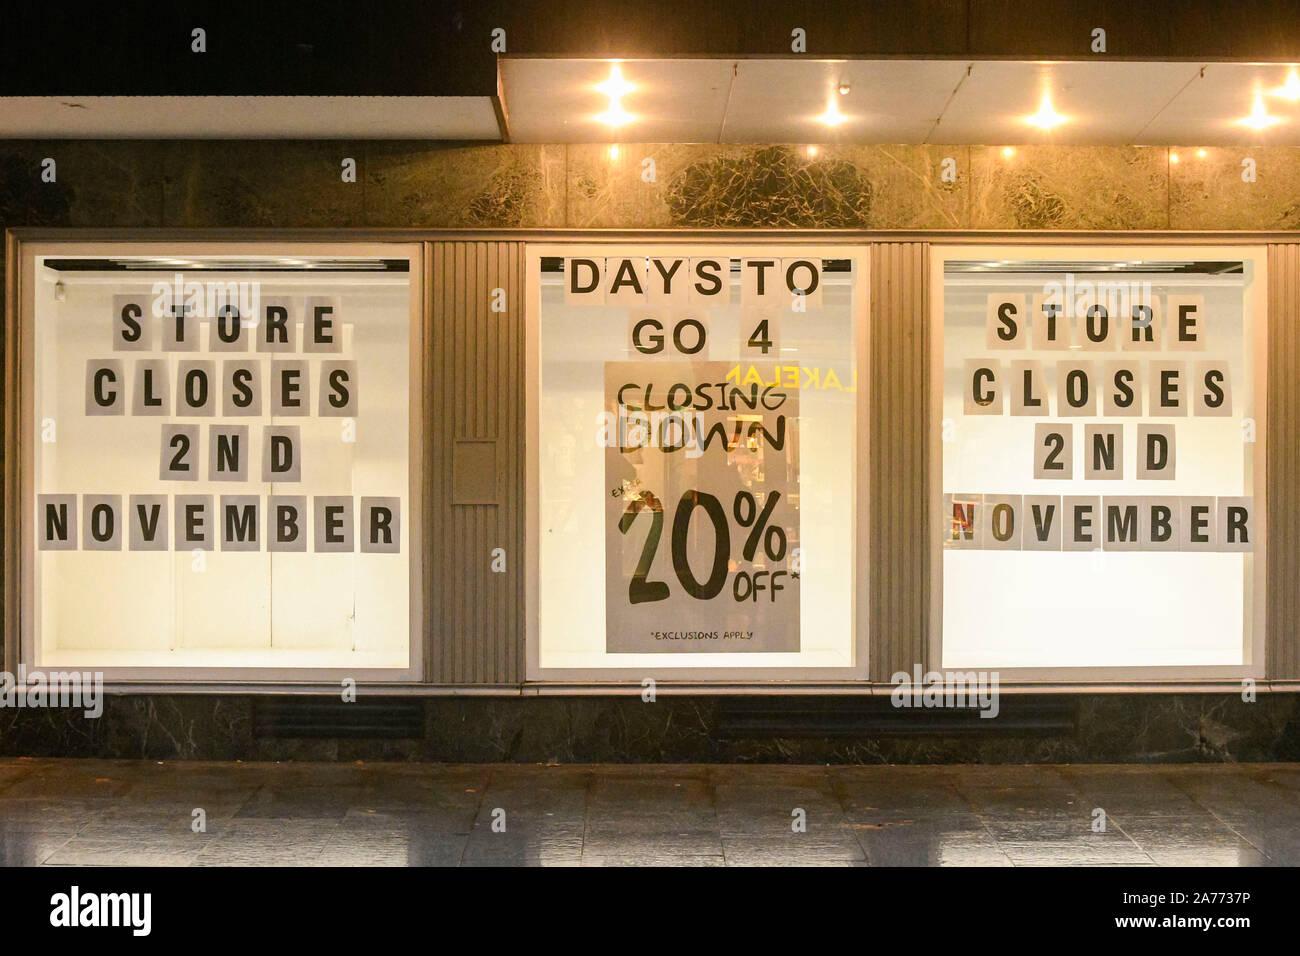 Exeter Devon, Großbritannien. 30. Oktober 2019. Blick auf das Haus von Fraser Kaufhaus auf Hight Street in Exeter, die geschlossen wird am Samstag, den 2. November. Foto: Graham Jagd-/Alamy leben Nachrichten Stockfoto